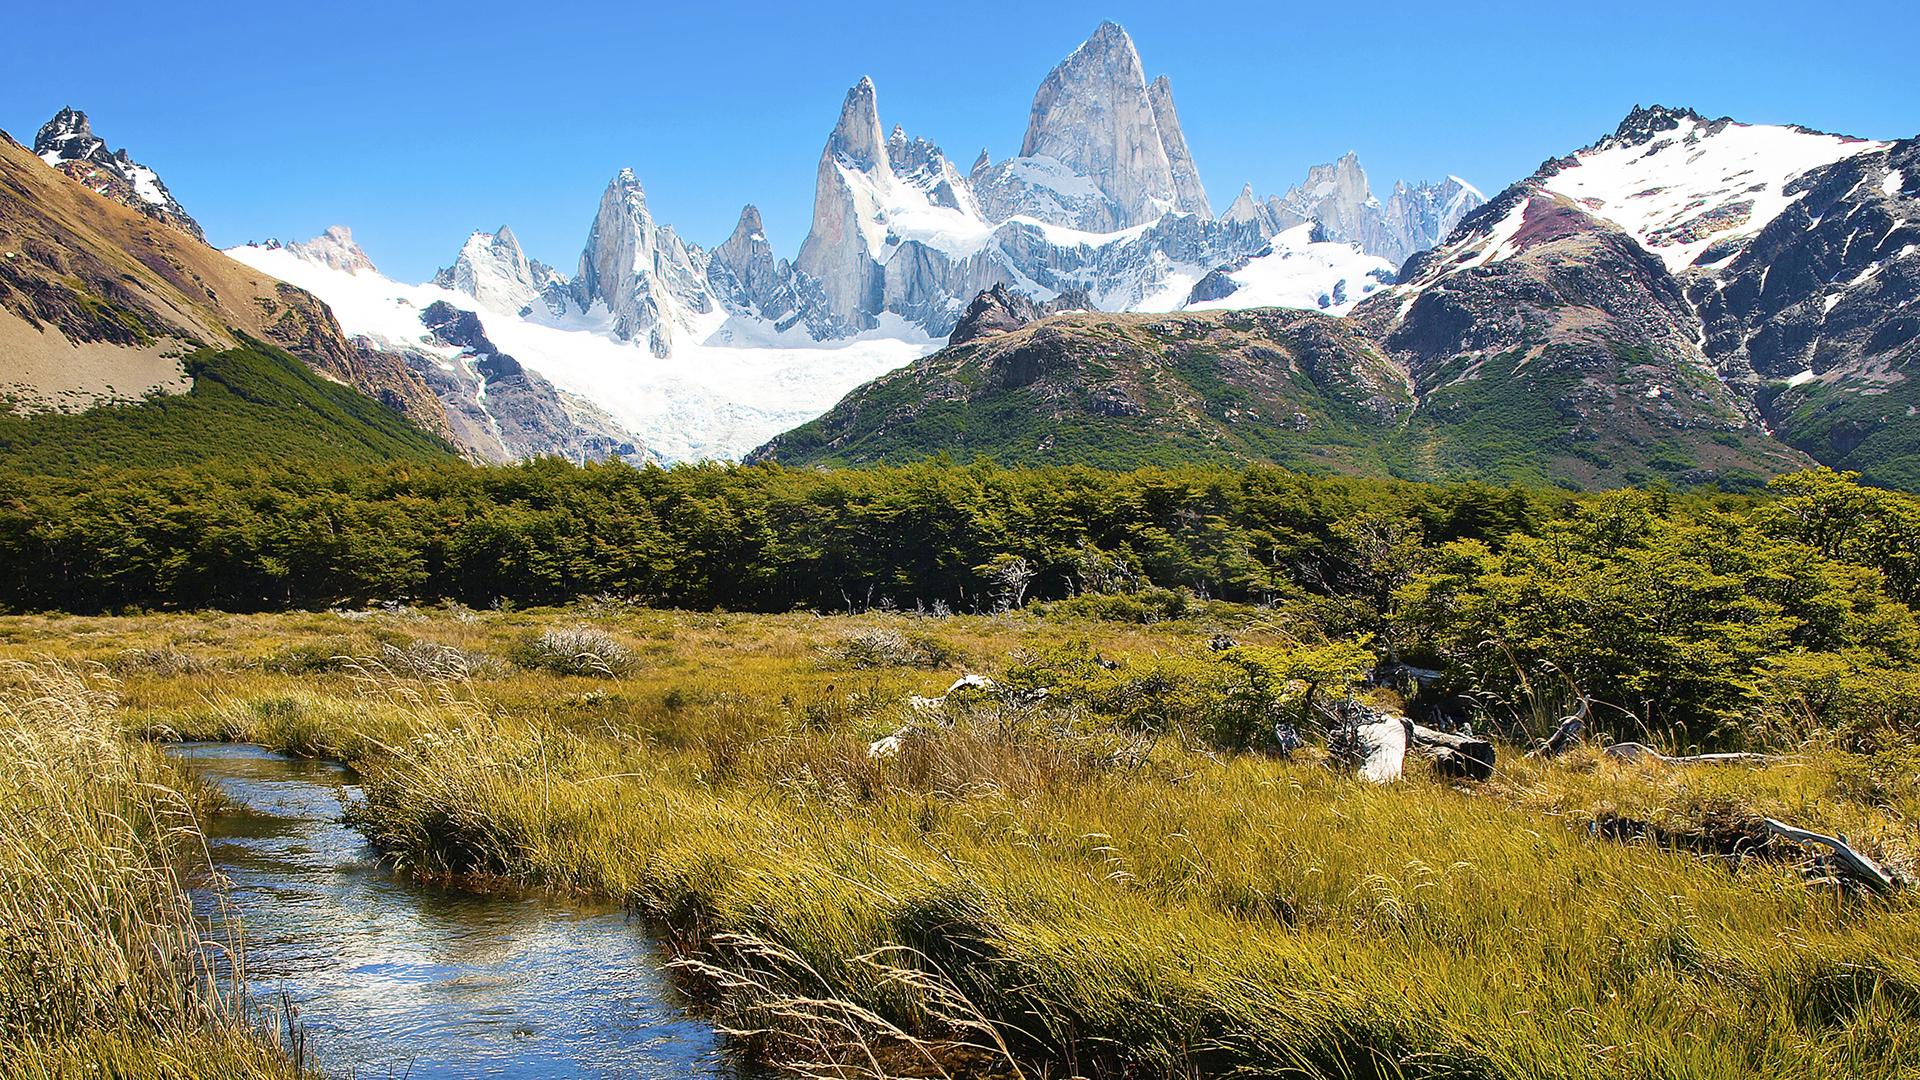 La localidad santacruceña, El Chaltén, fue reconocido como uno de los destinos más hospitalarios del mundo (Booking)